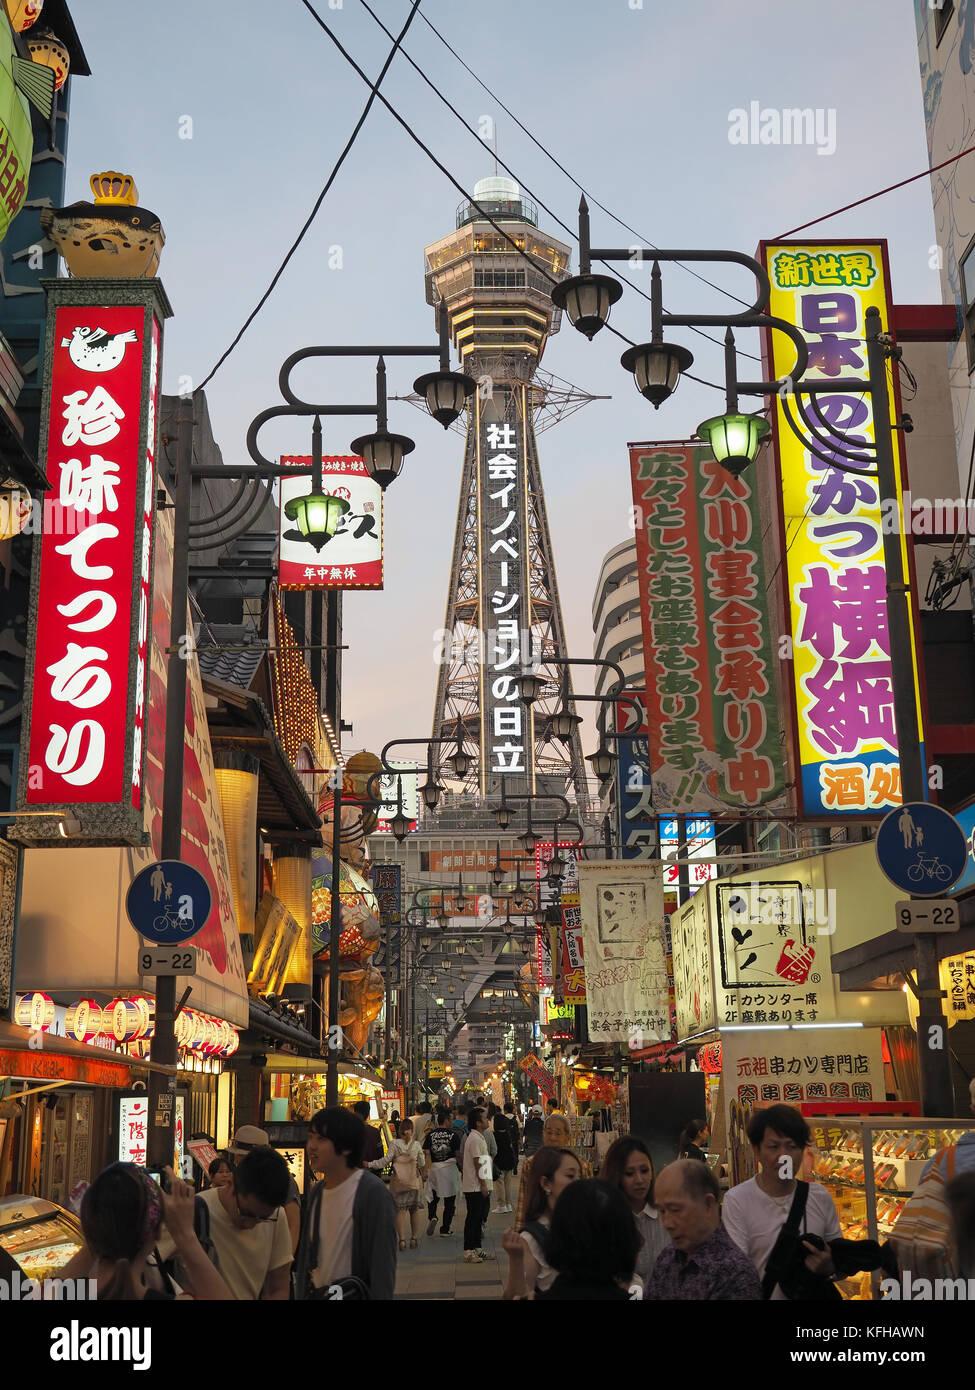 Un ángulo bajo vista mirando hacia arriba en la torre Tsutenkaku Shinsekai en el distrito de Osaka, Japón Imagen De Stock